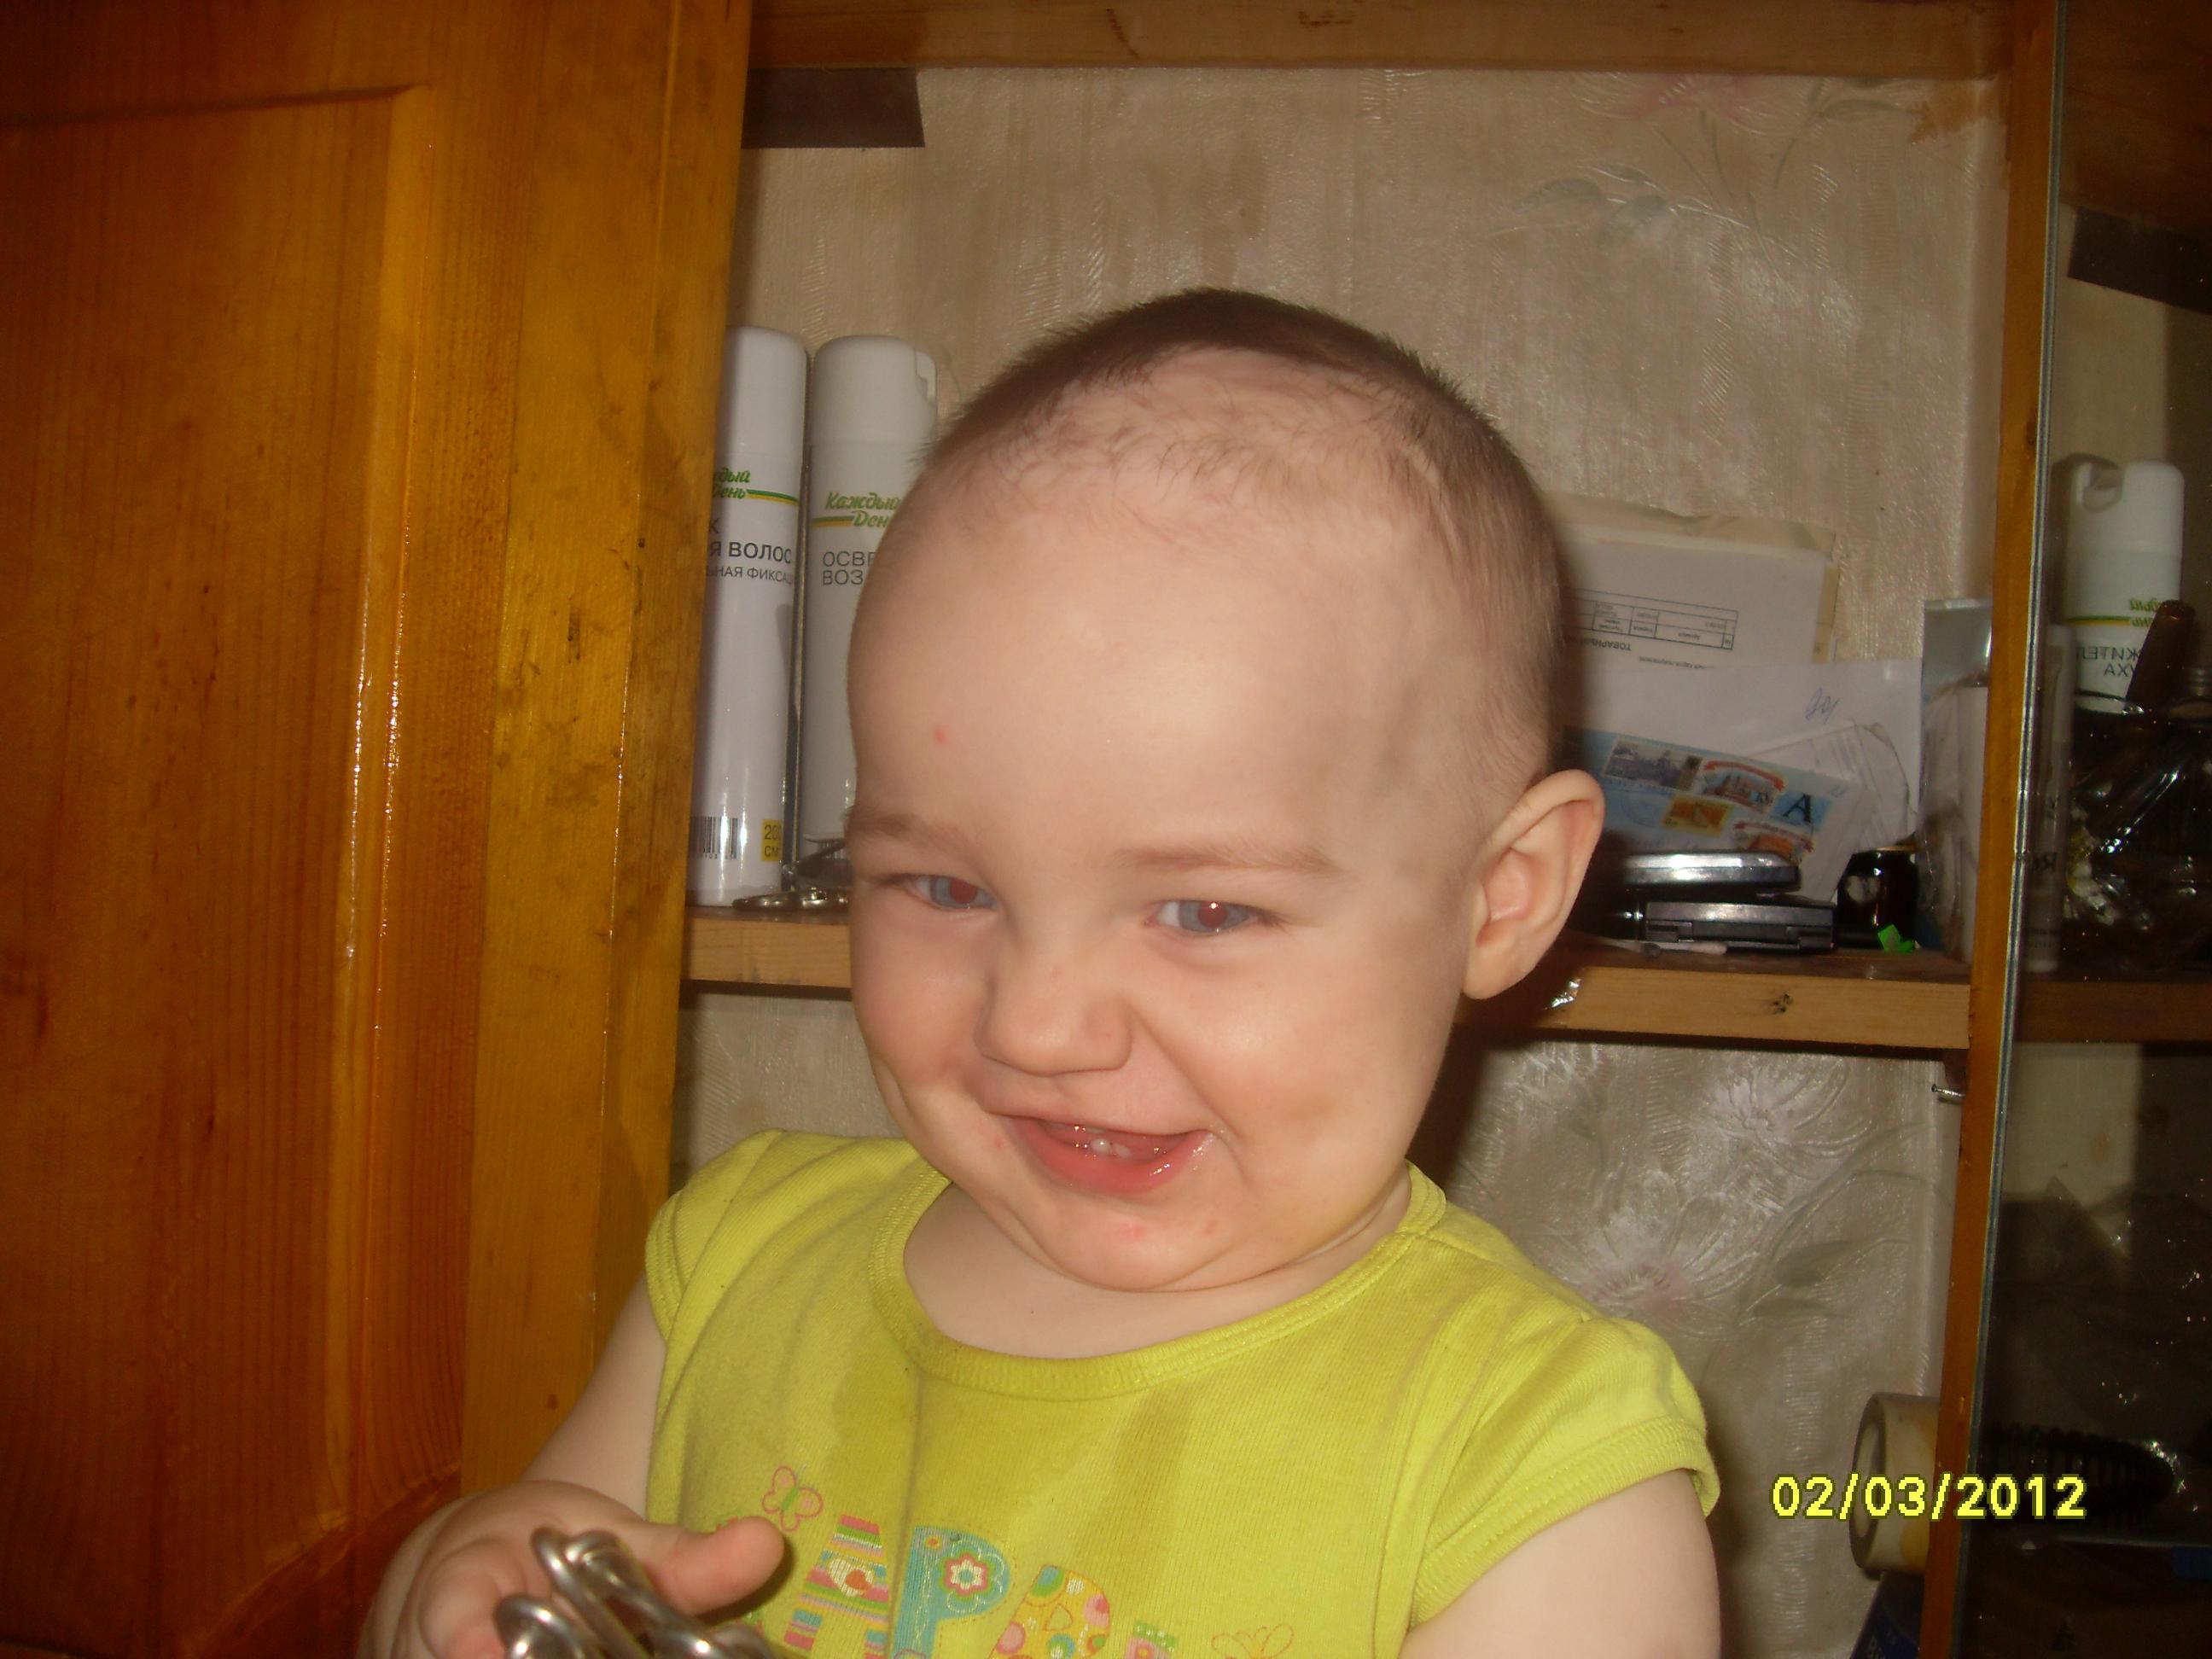 растут ли волосы после лазерной эпиляции